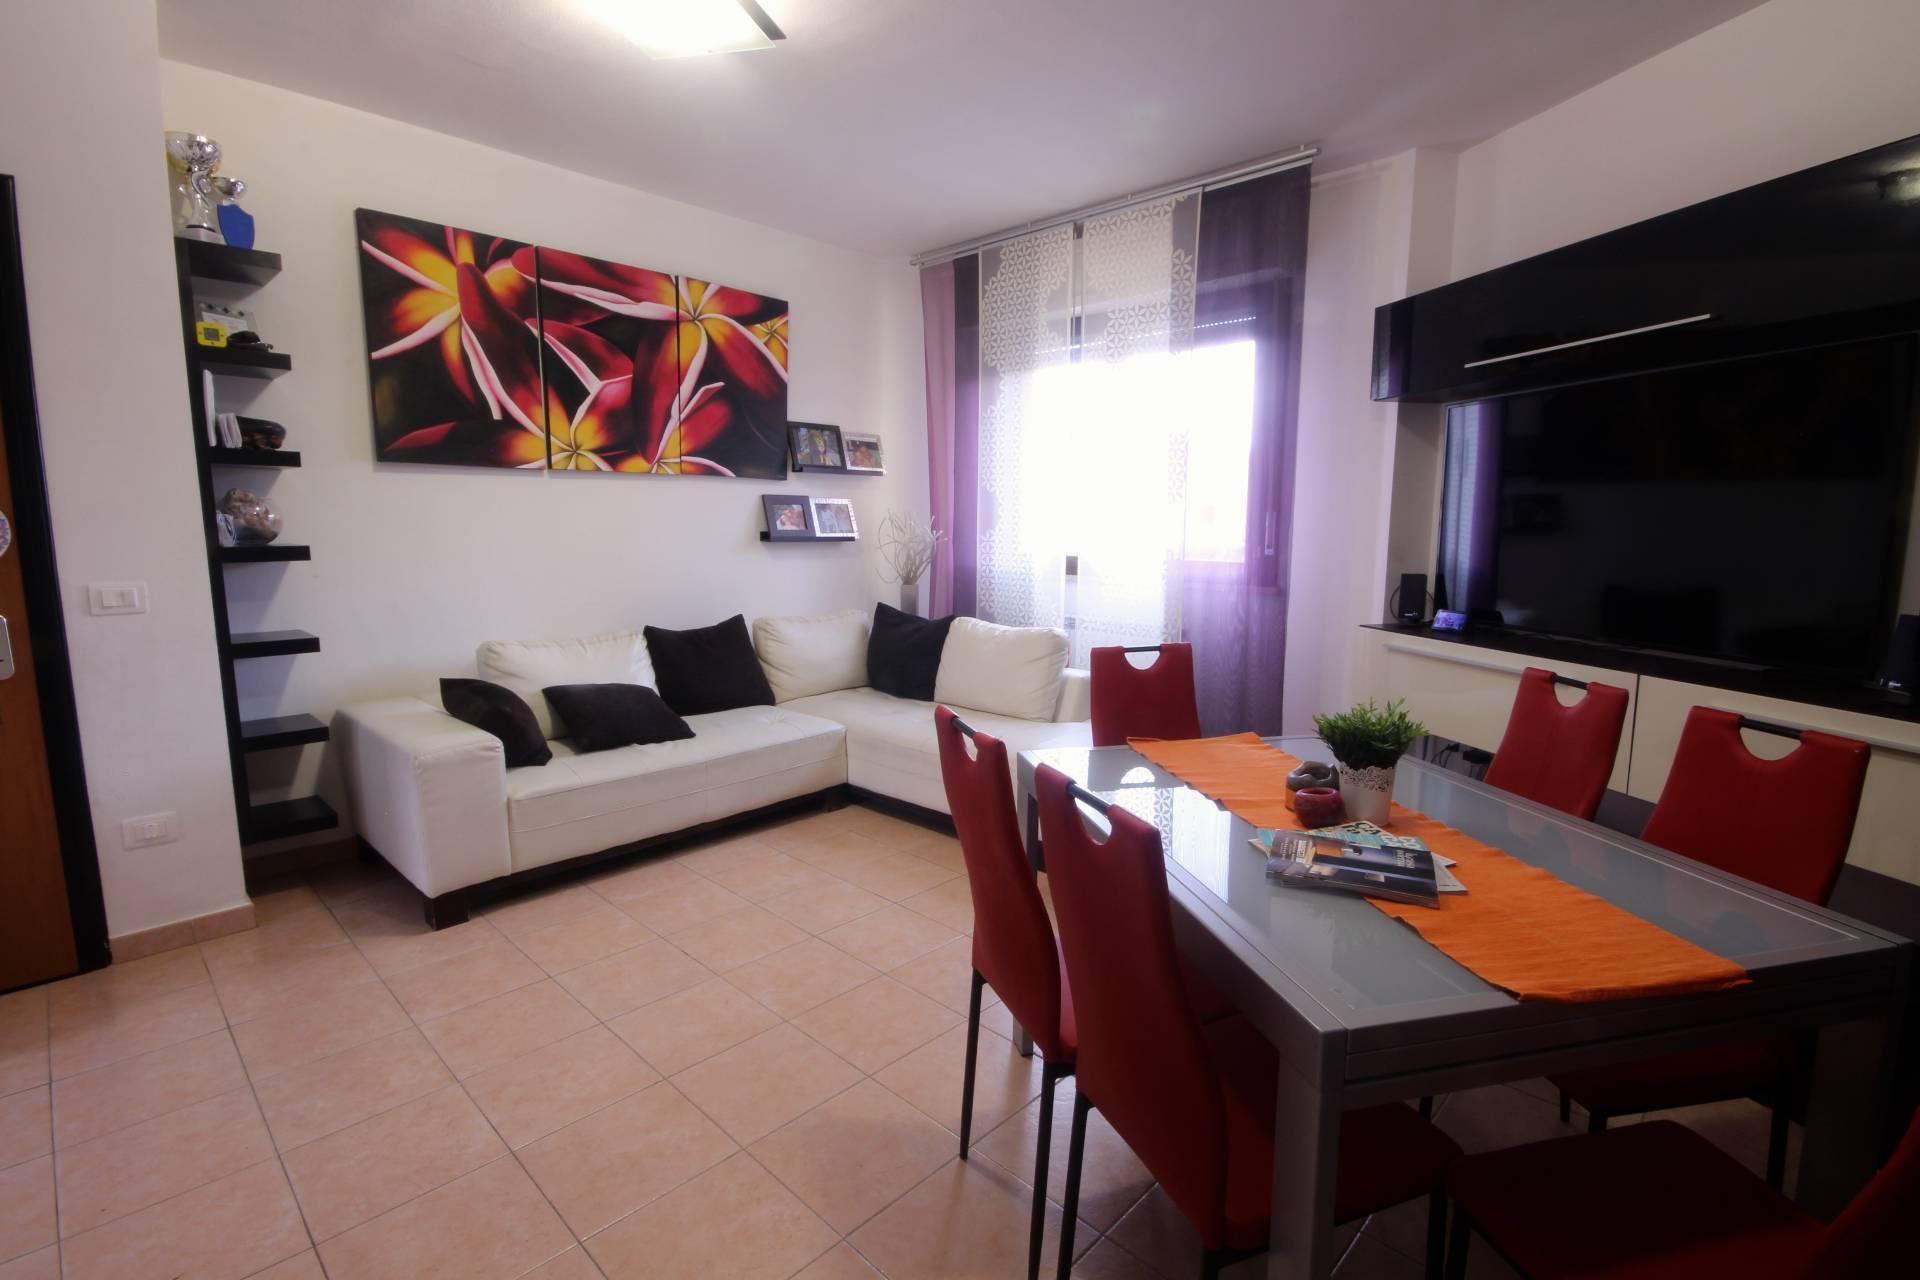 Appartamento in vendita a Orbetello, 5 locali, zona nia, prezzo € 185.000 | PortaleAgenzieImmobiliari.it